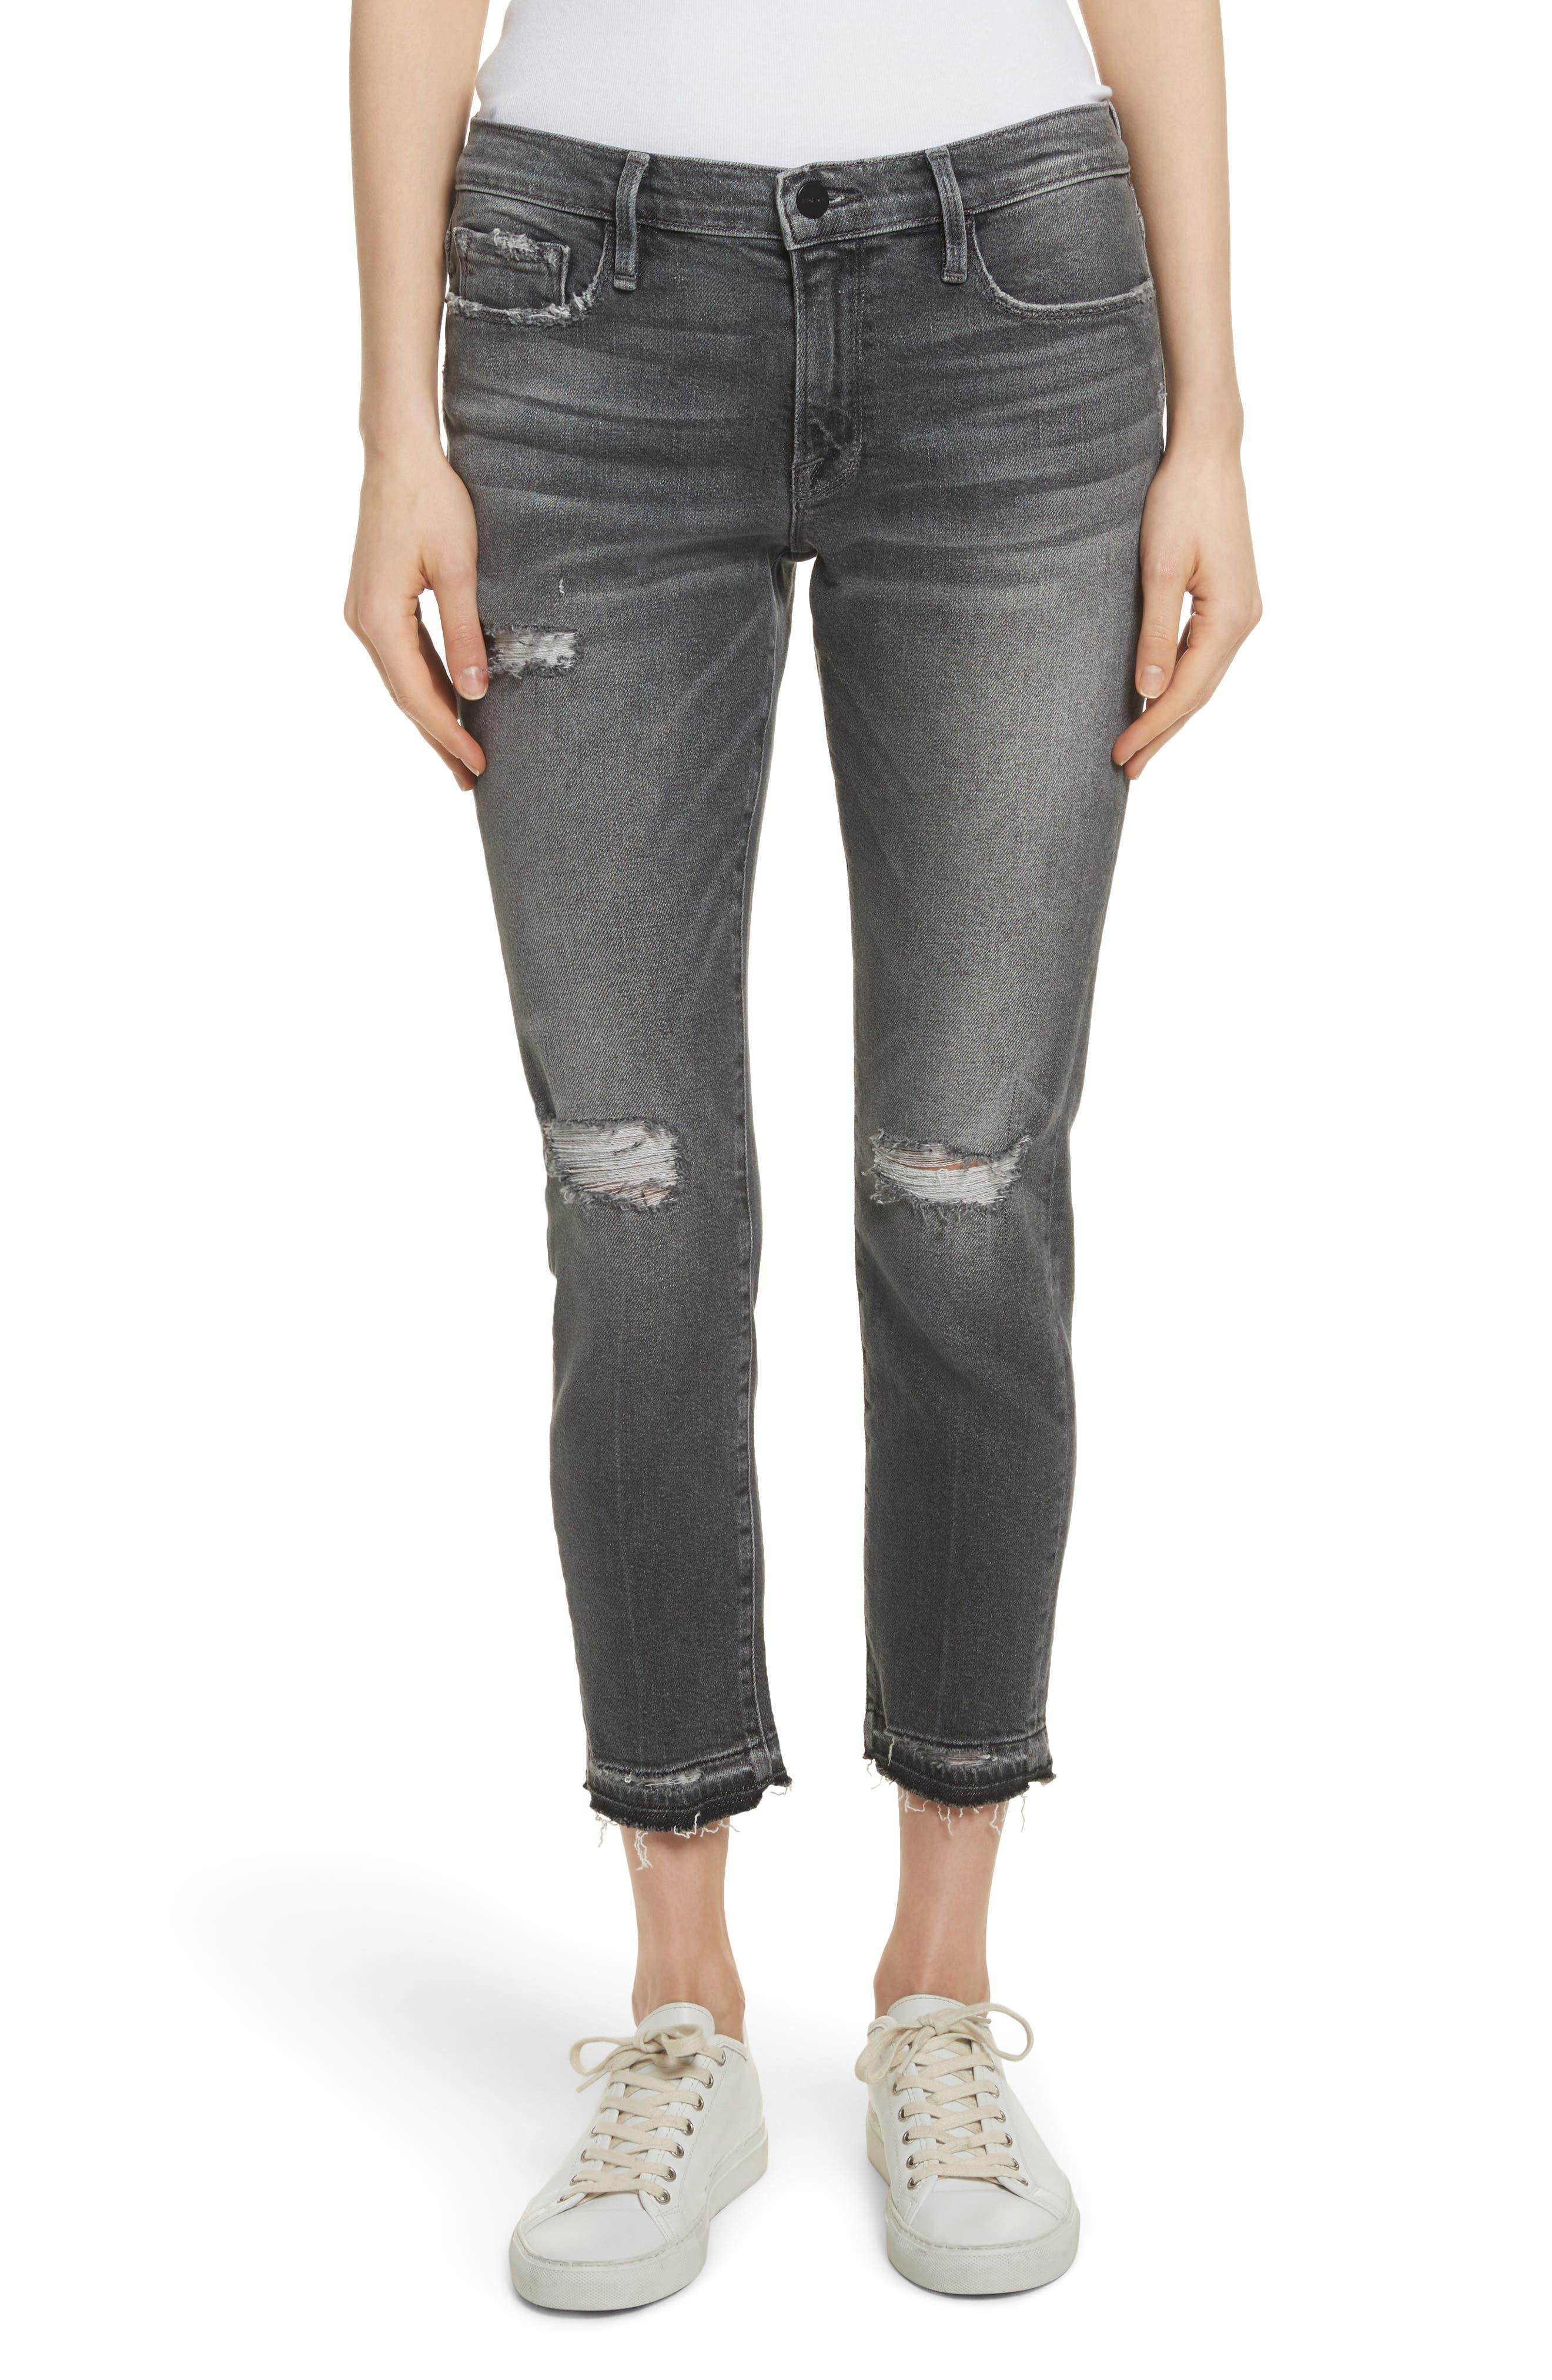 Alternate Image 1 Selected - FRAME Le Garçon Ripped Released Hem Slim Jeans (Stockcross)